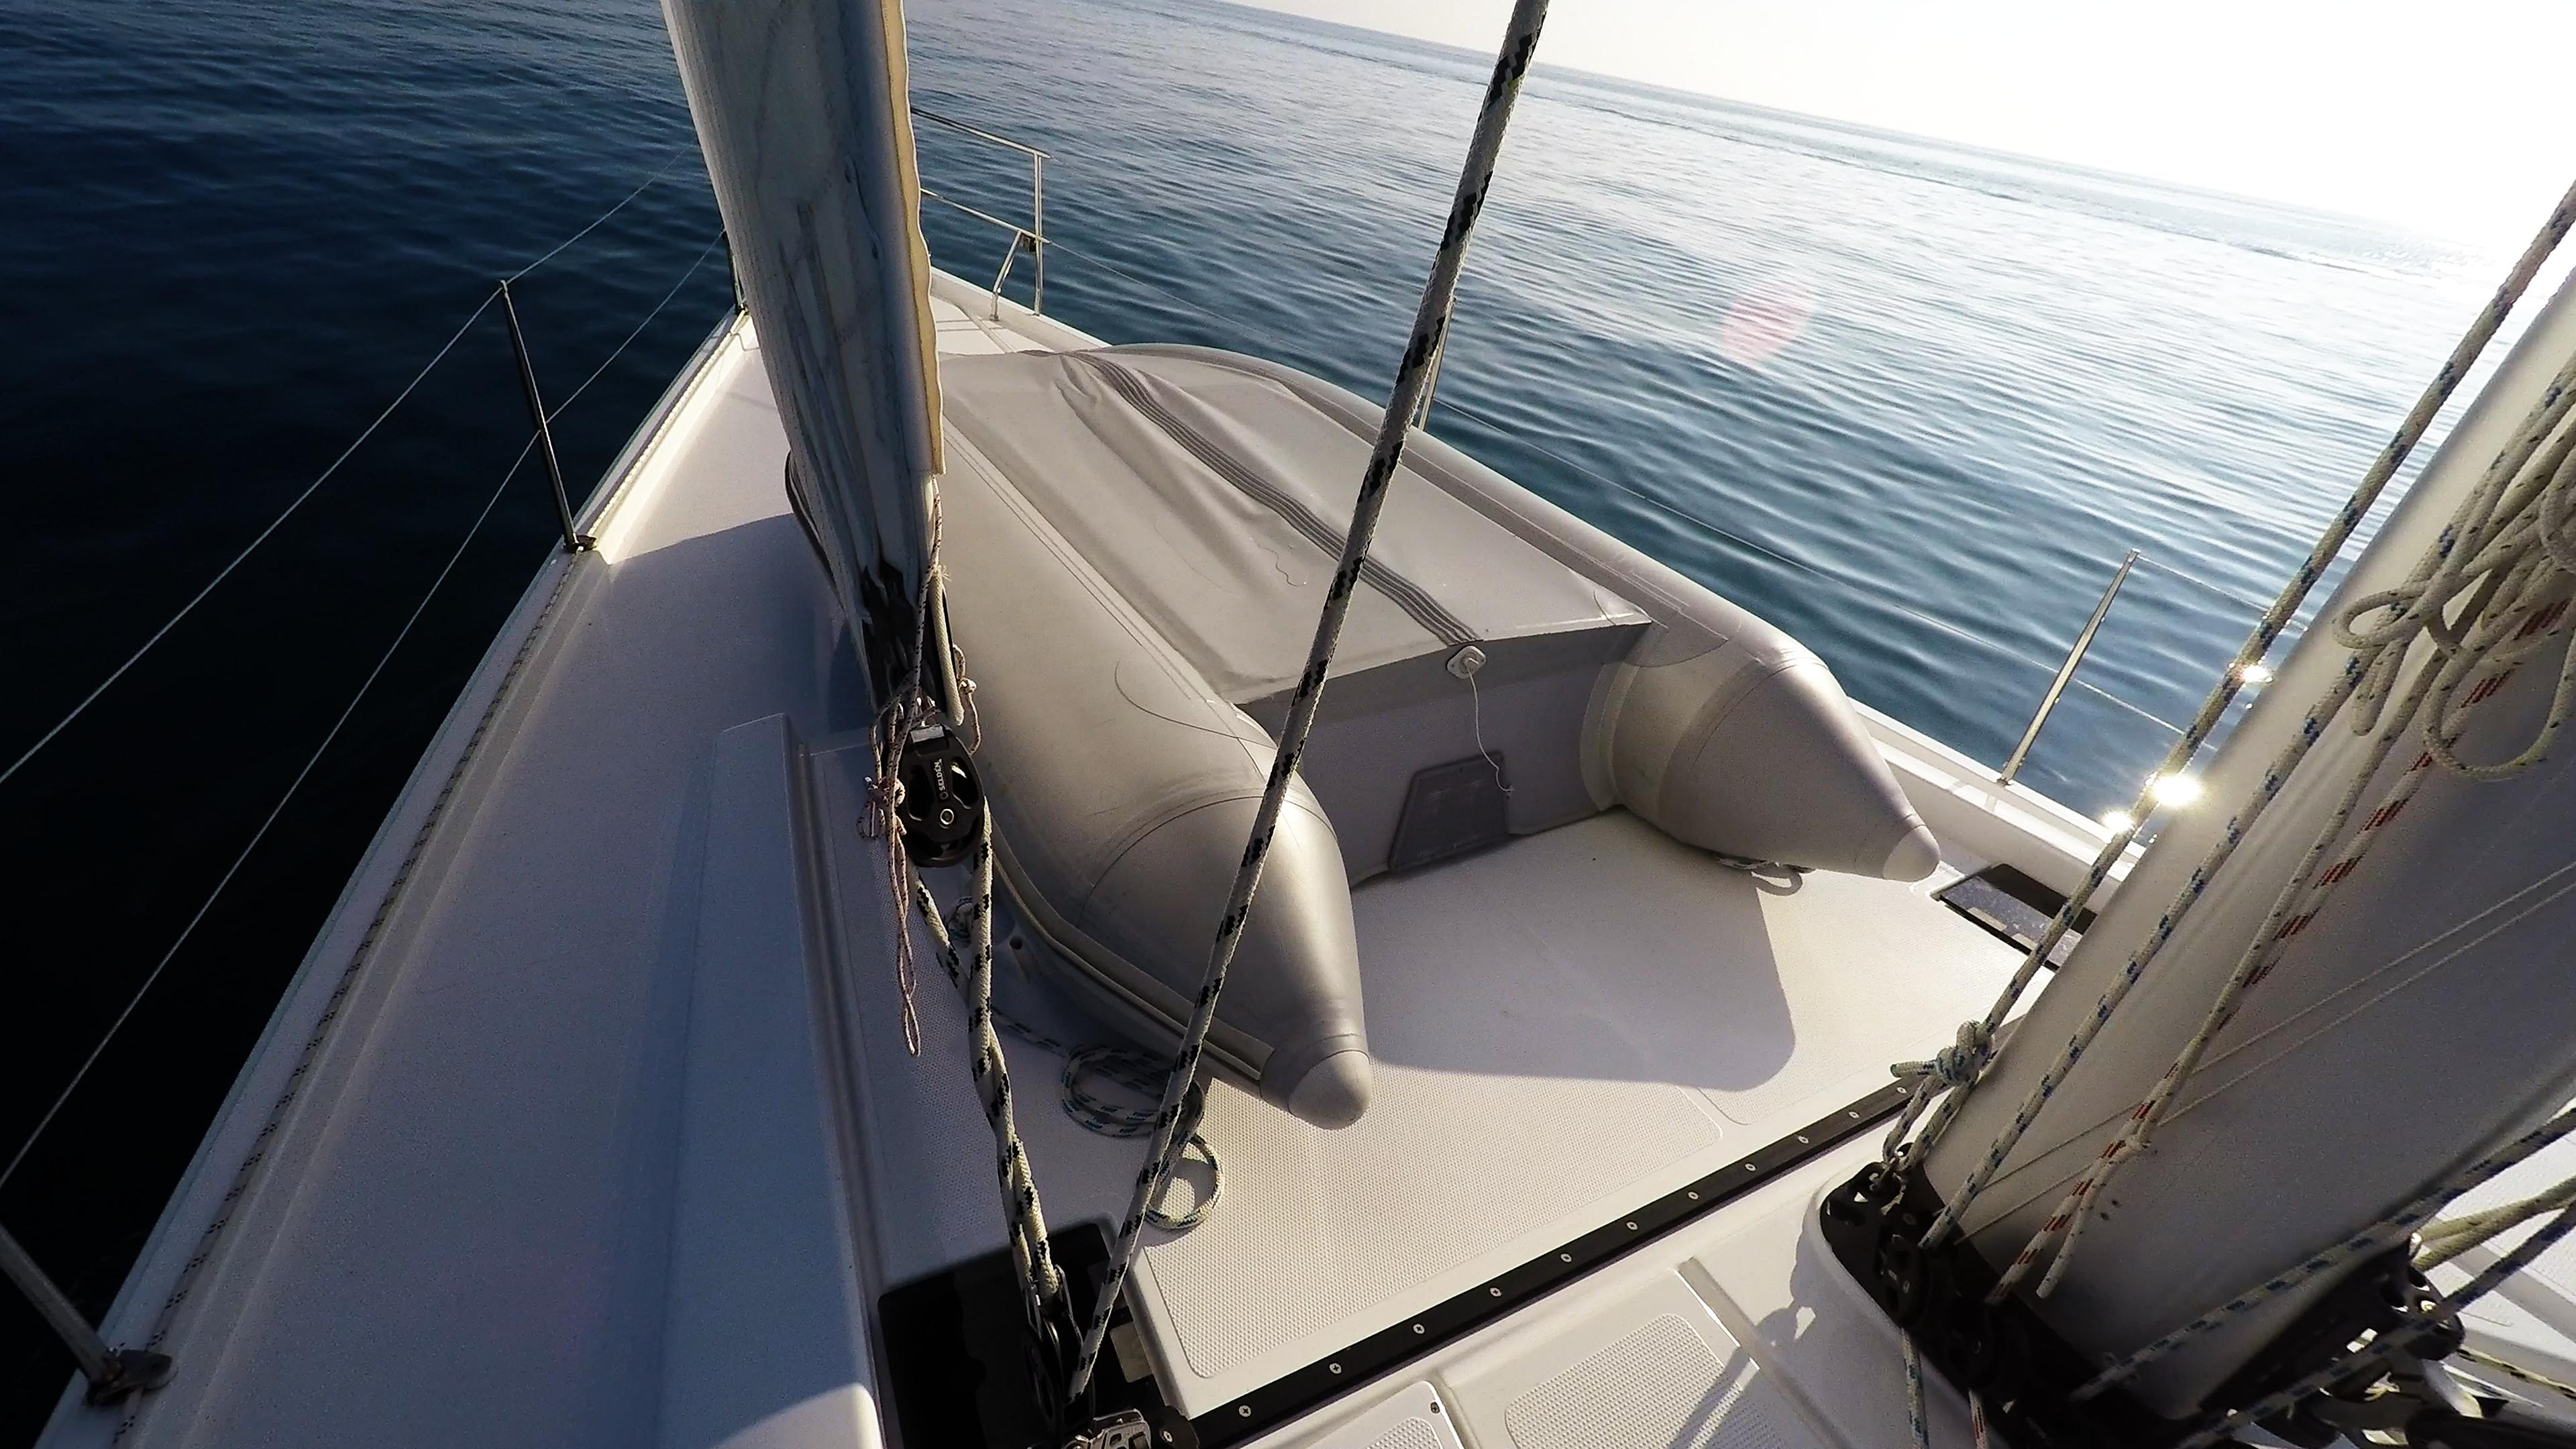 pomoćni čamac prova jedrilice gumenjak jedrenje paluba